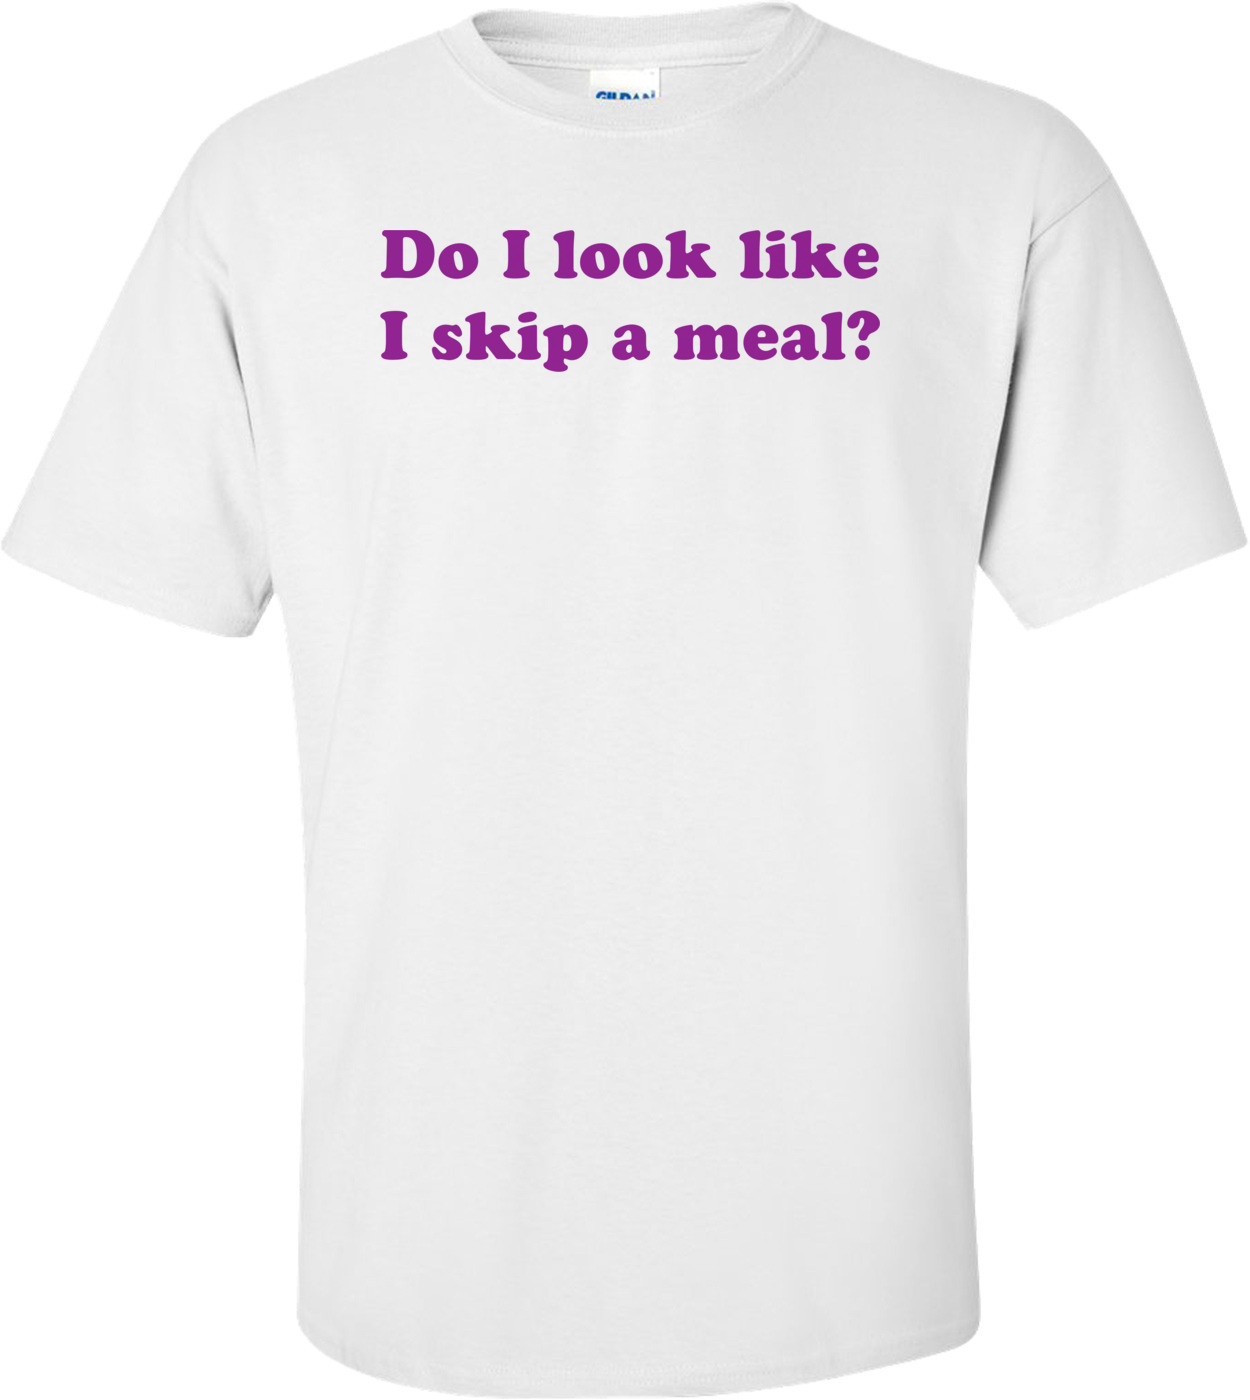 Do I look like I skip a meal? Shirt